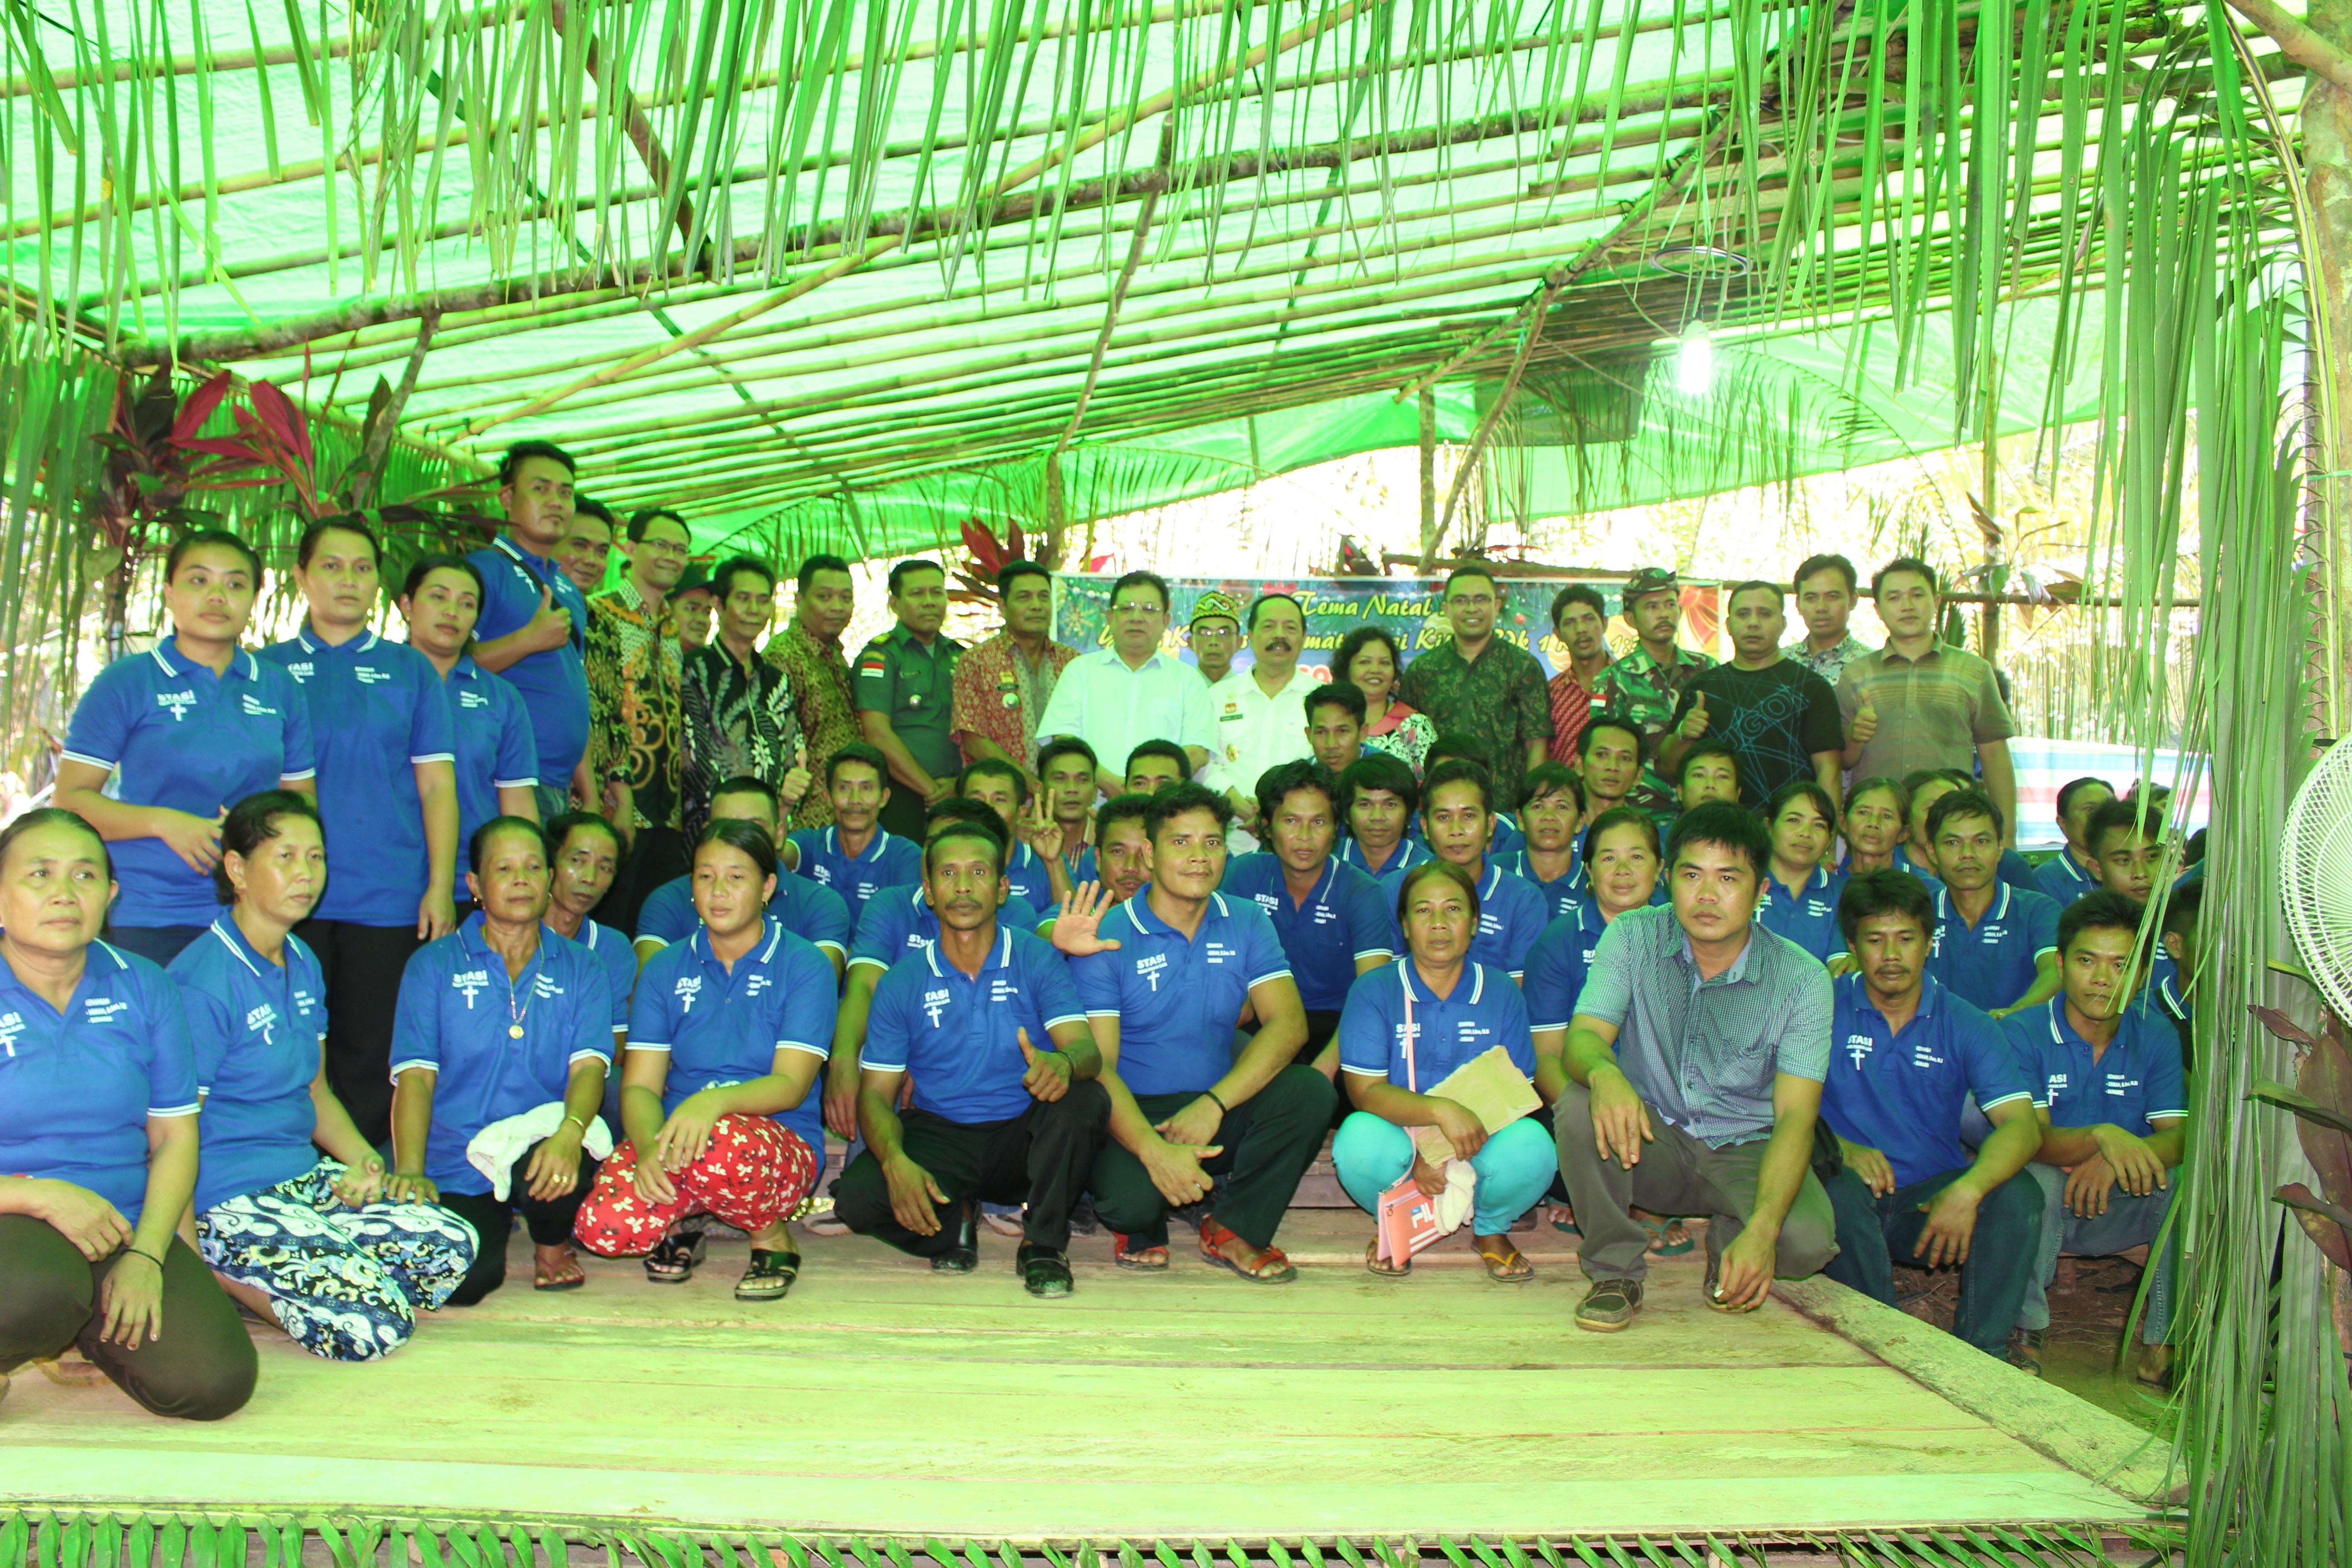 Pemkab Sanggau Memberikan Bansos Berupa Beras Sebanyak 2,5 Ton Untuk Masyarakat (Umat) Kristiani Desa Lalang